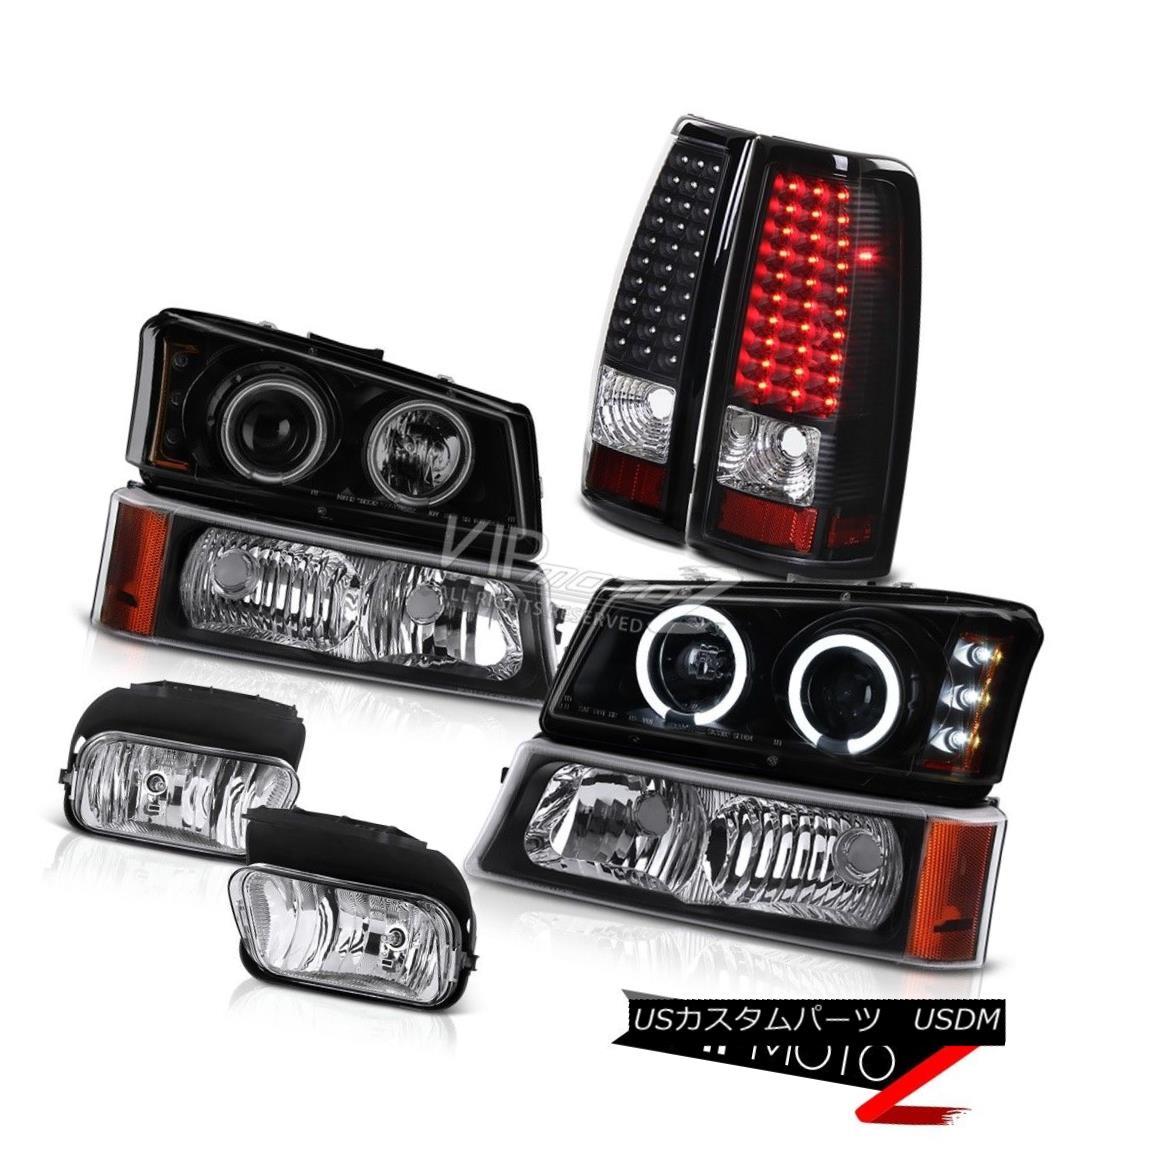 ヘッドライト 2003-2006 Silverado 4.3L V6 Headlights CCFL Halo LED Tail Lights Bumper Foglight 2003-2006 Silverado 4.3L V6ヘッドライトCCFL Halo LEDテールライトバンパーフォグライト